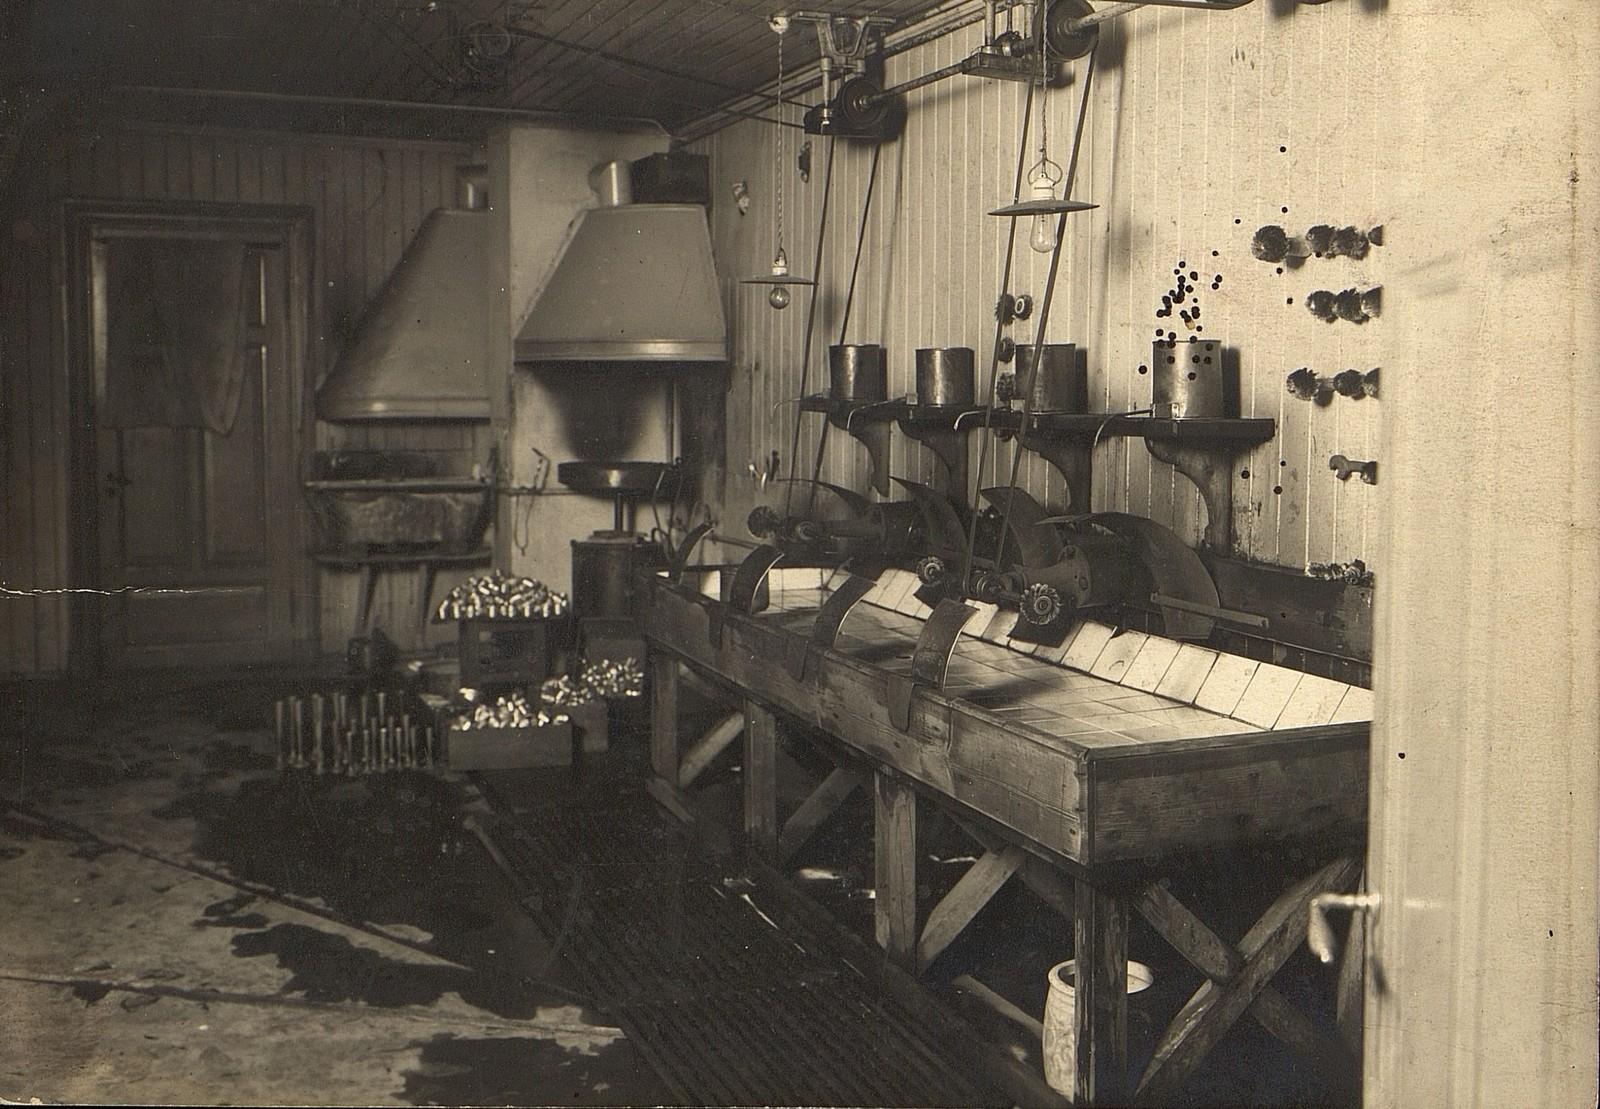 Fra produksjonslokalene i Anders Larsensgt. 15. Maskiner og utstyr i fabrikkens verksteder. Rundt 1910.